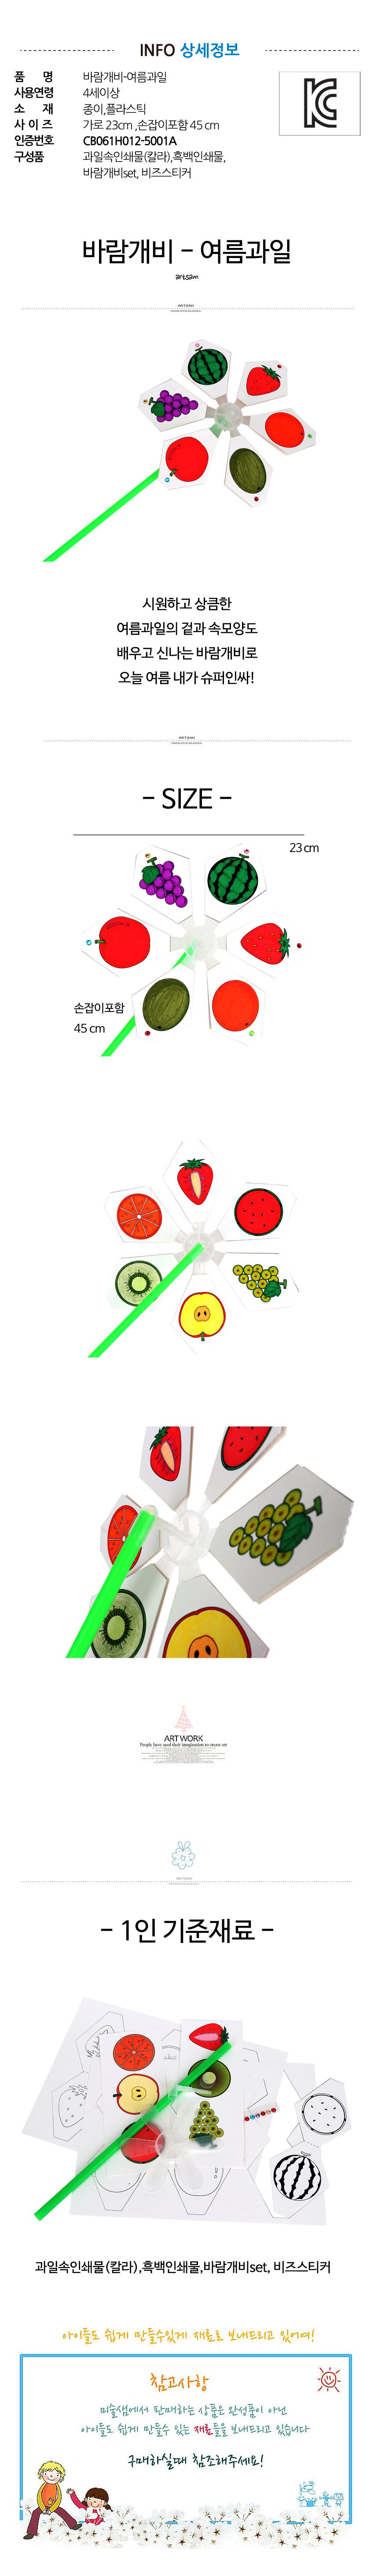 바람개비-여름과일 5인용 - 미술샘, 6,000원, 종이공예/북아트, 종이공예 패키지